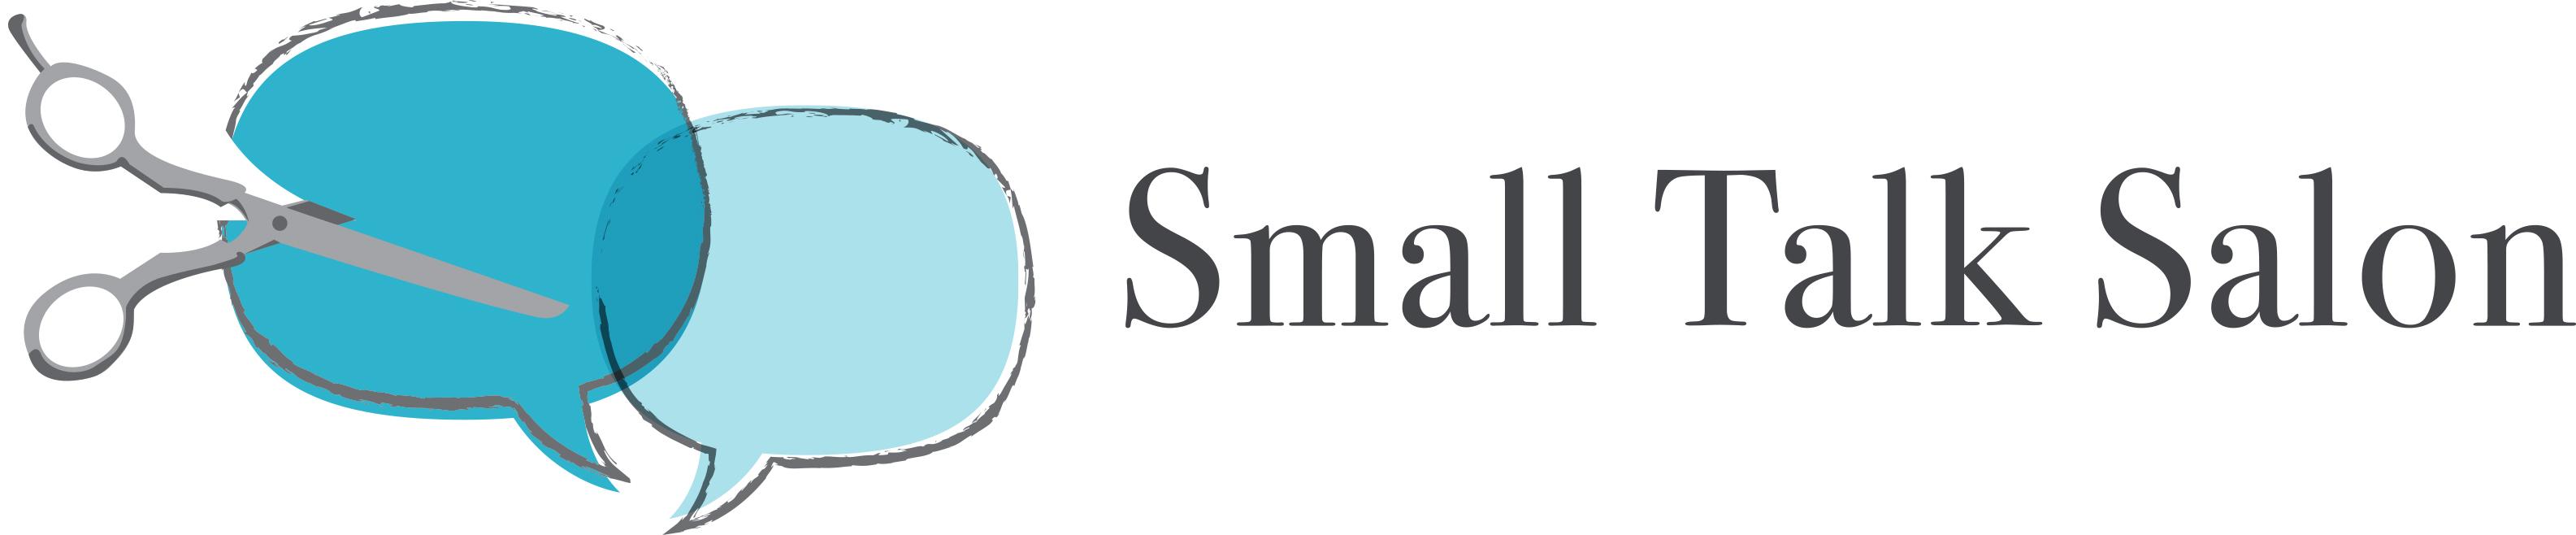 Small Talk Salon